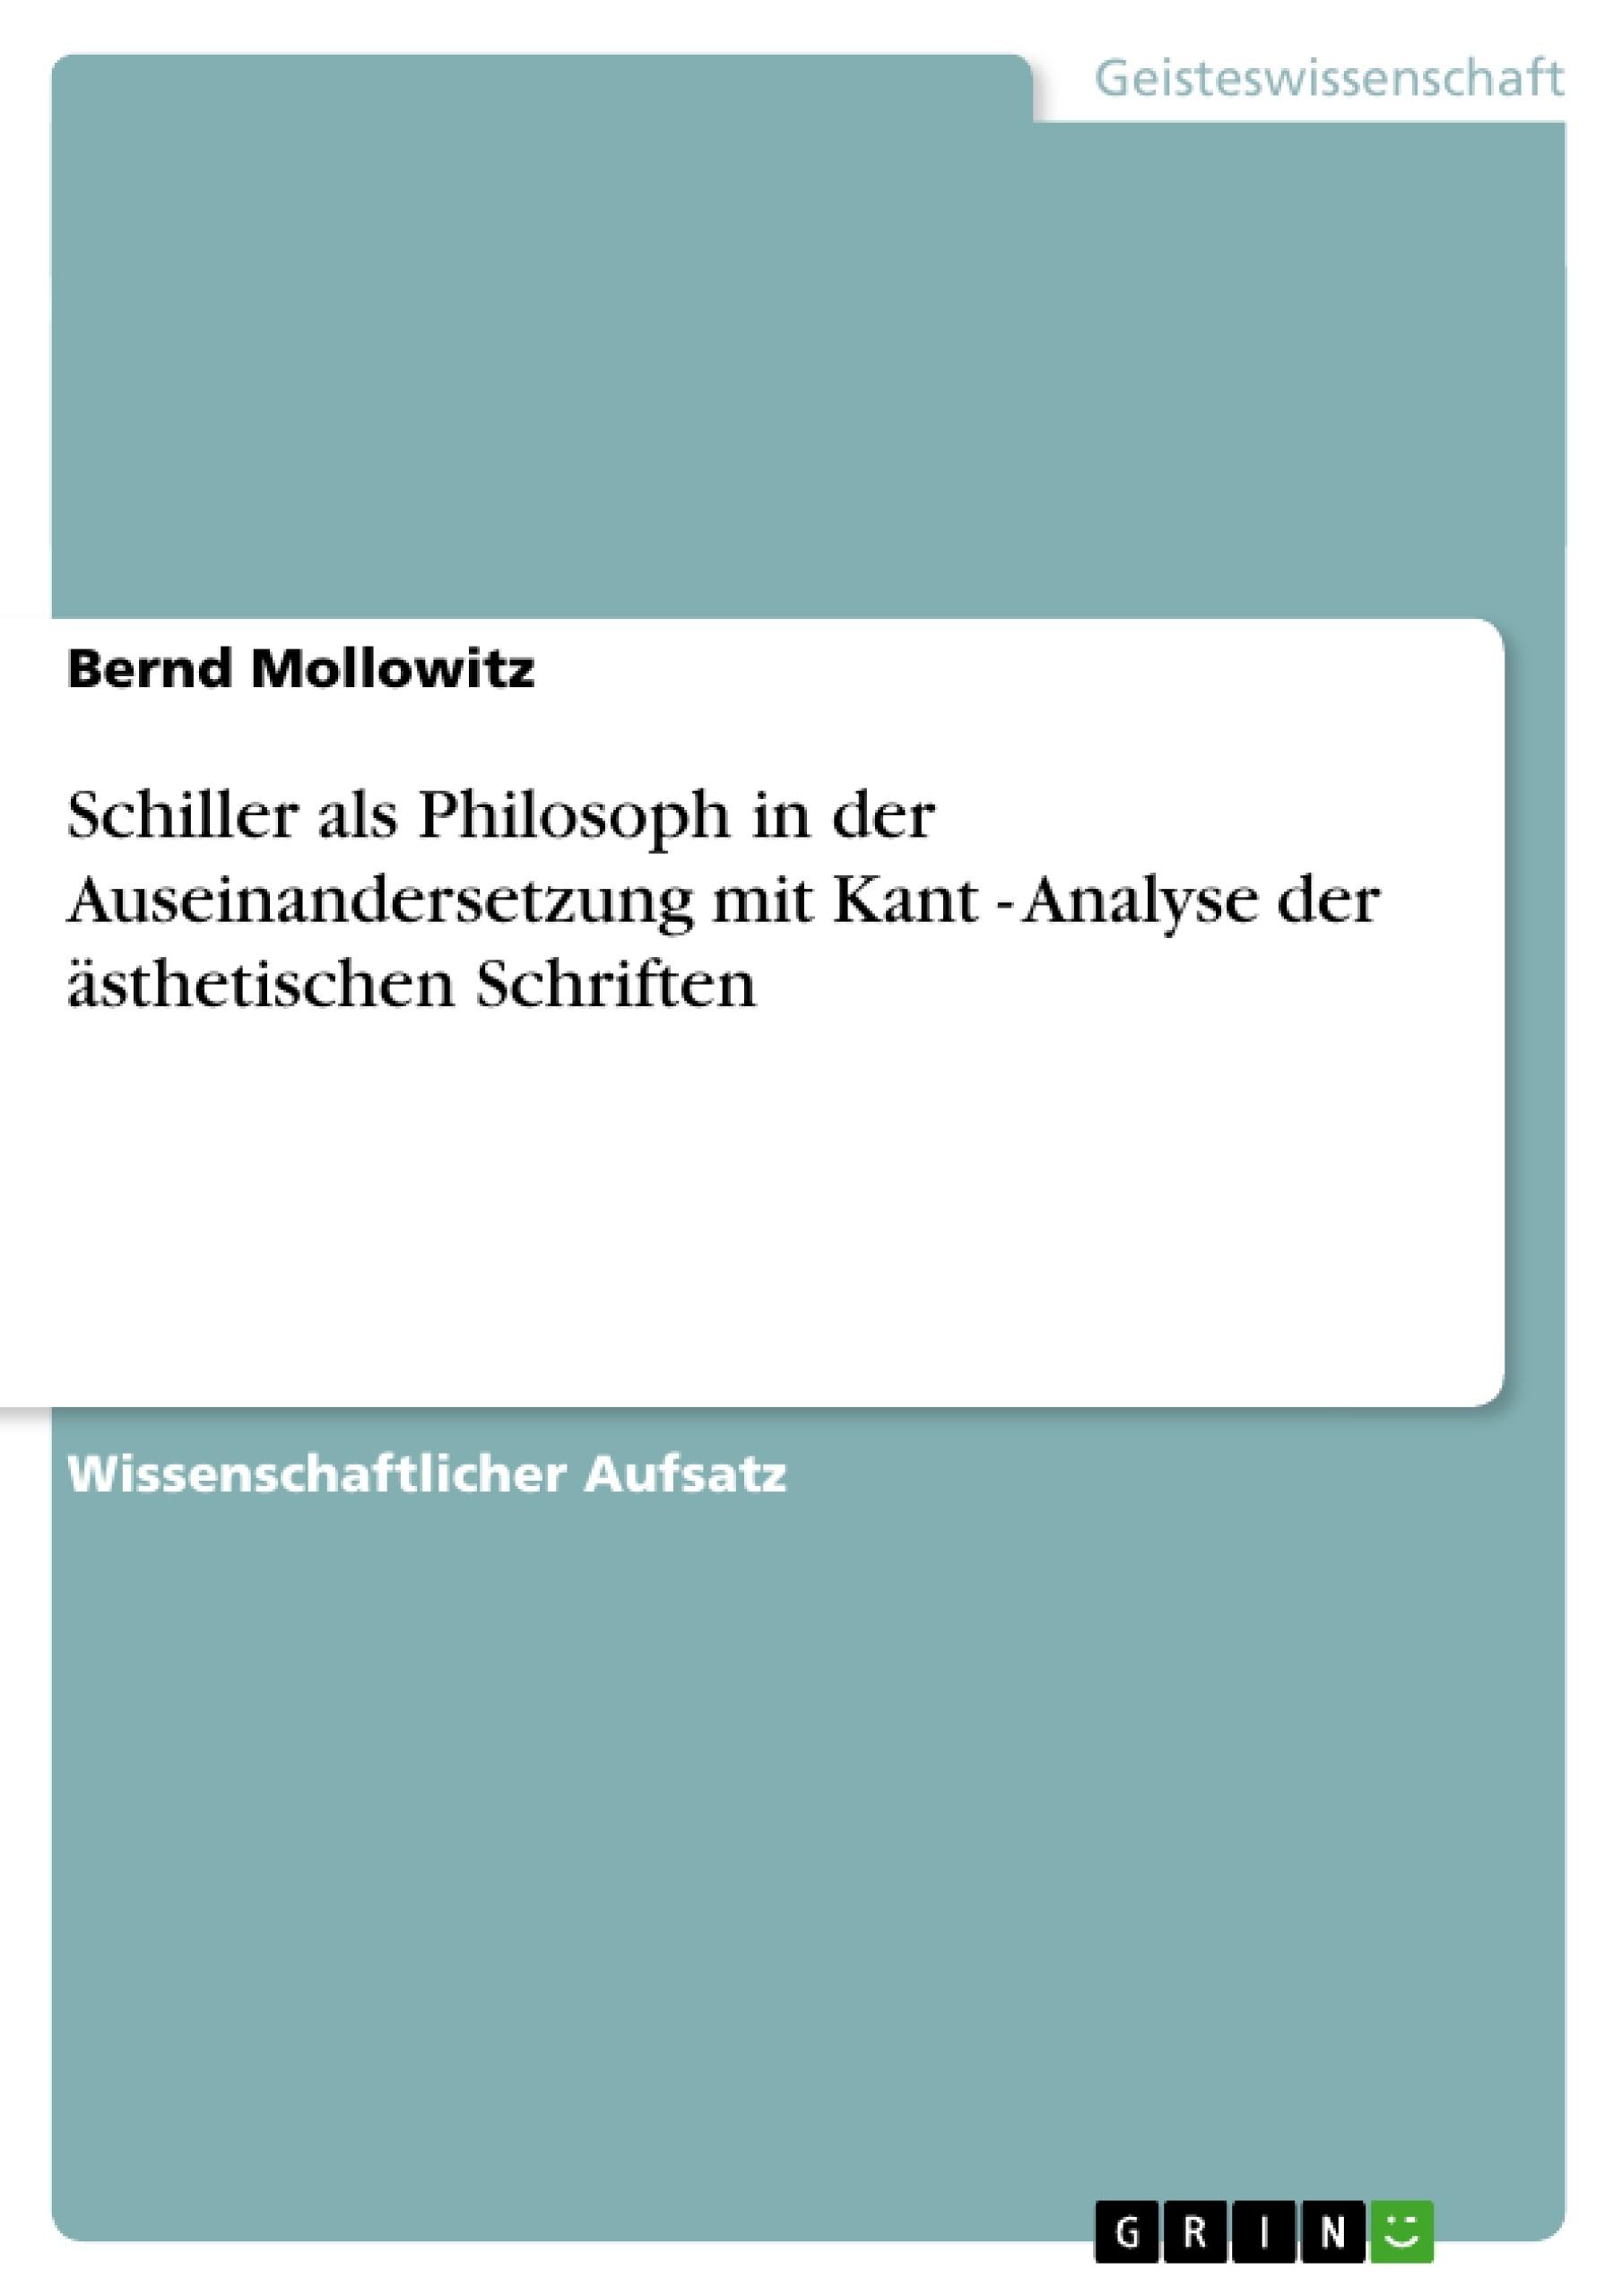 Titel: Schiller als Philosoph in der Auseinandersetzung mit Kant  -  Analyse der ästhetischen Schriften